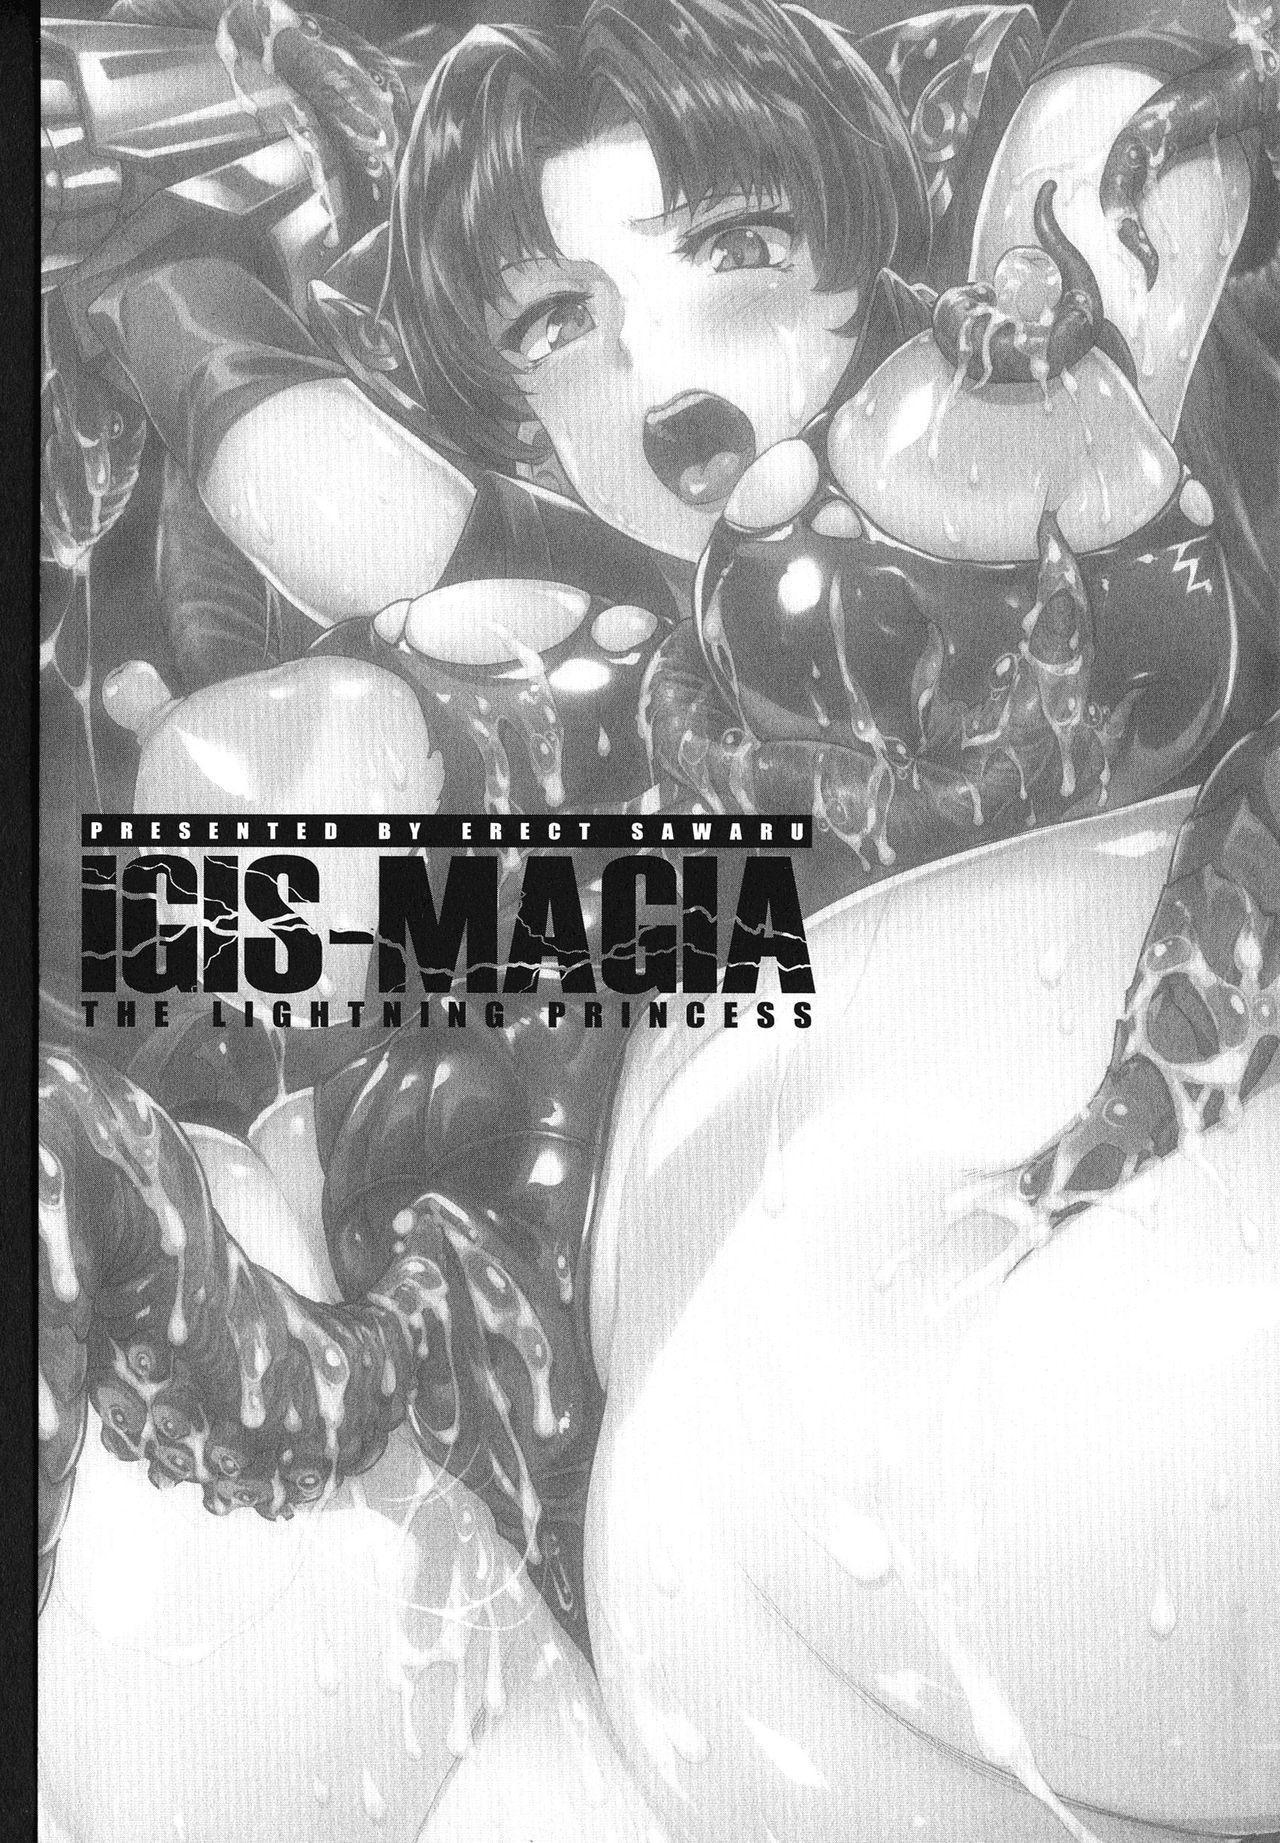 [Erect Sawaru] Raikou Shinki Igis Magia -PANDRA saga 3rd ignition- Ch. 1-6 [English] [CGrascal] 5